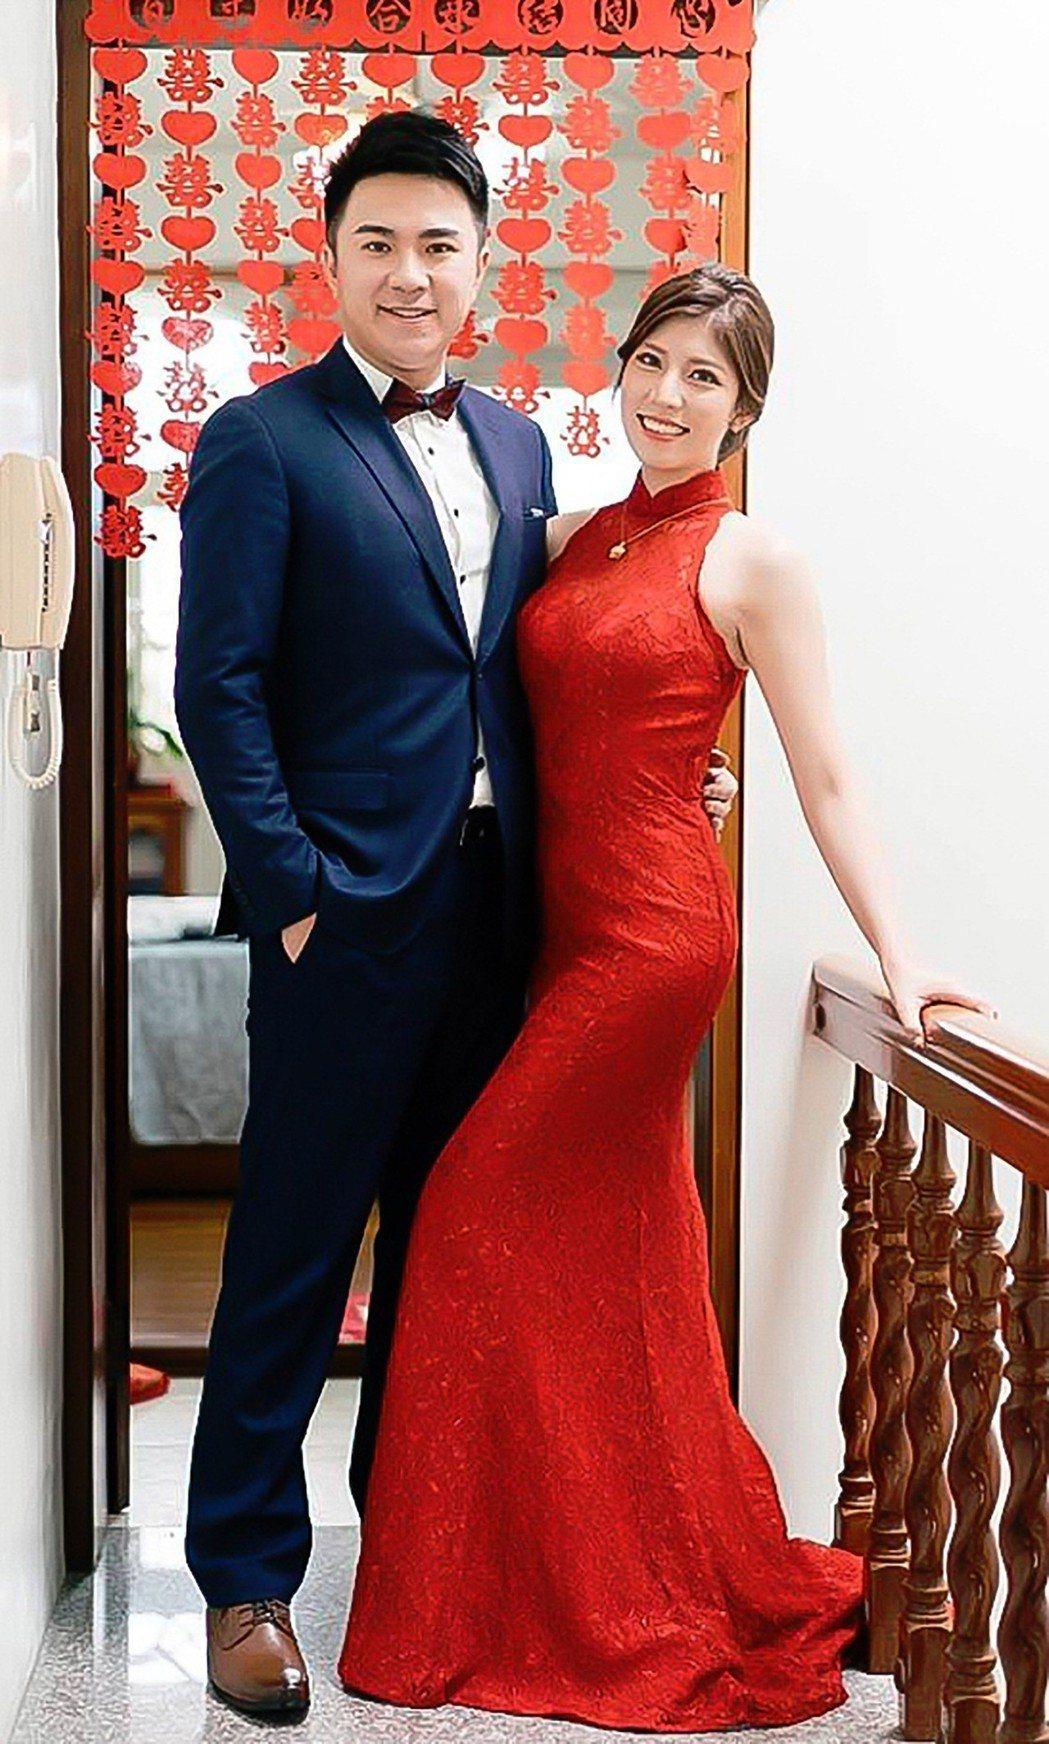 藍于洺唯美婚紗照曝光。圖/TVBS提供